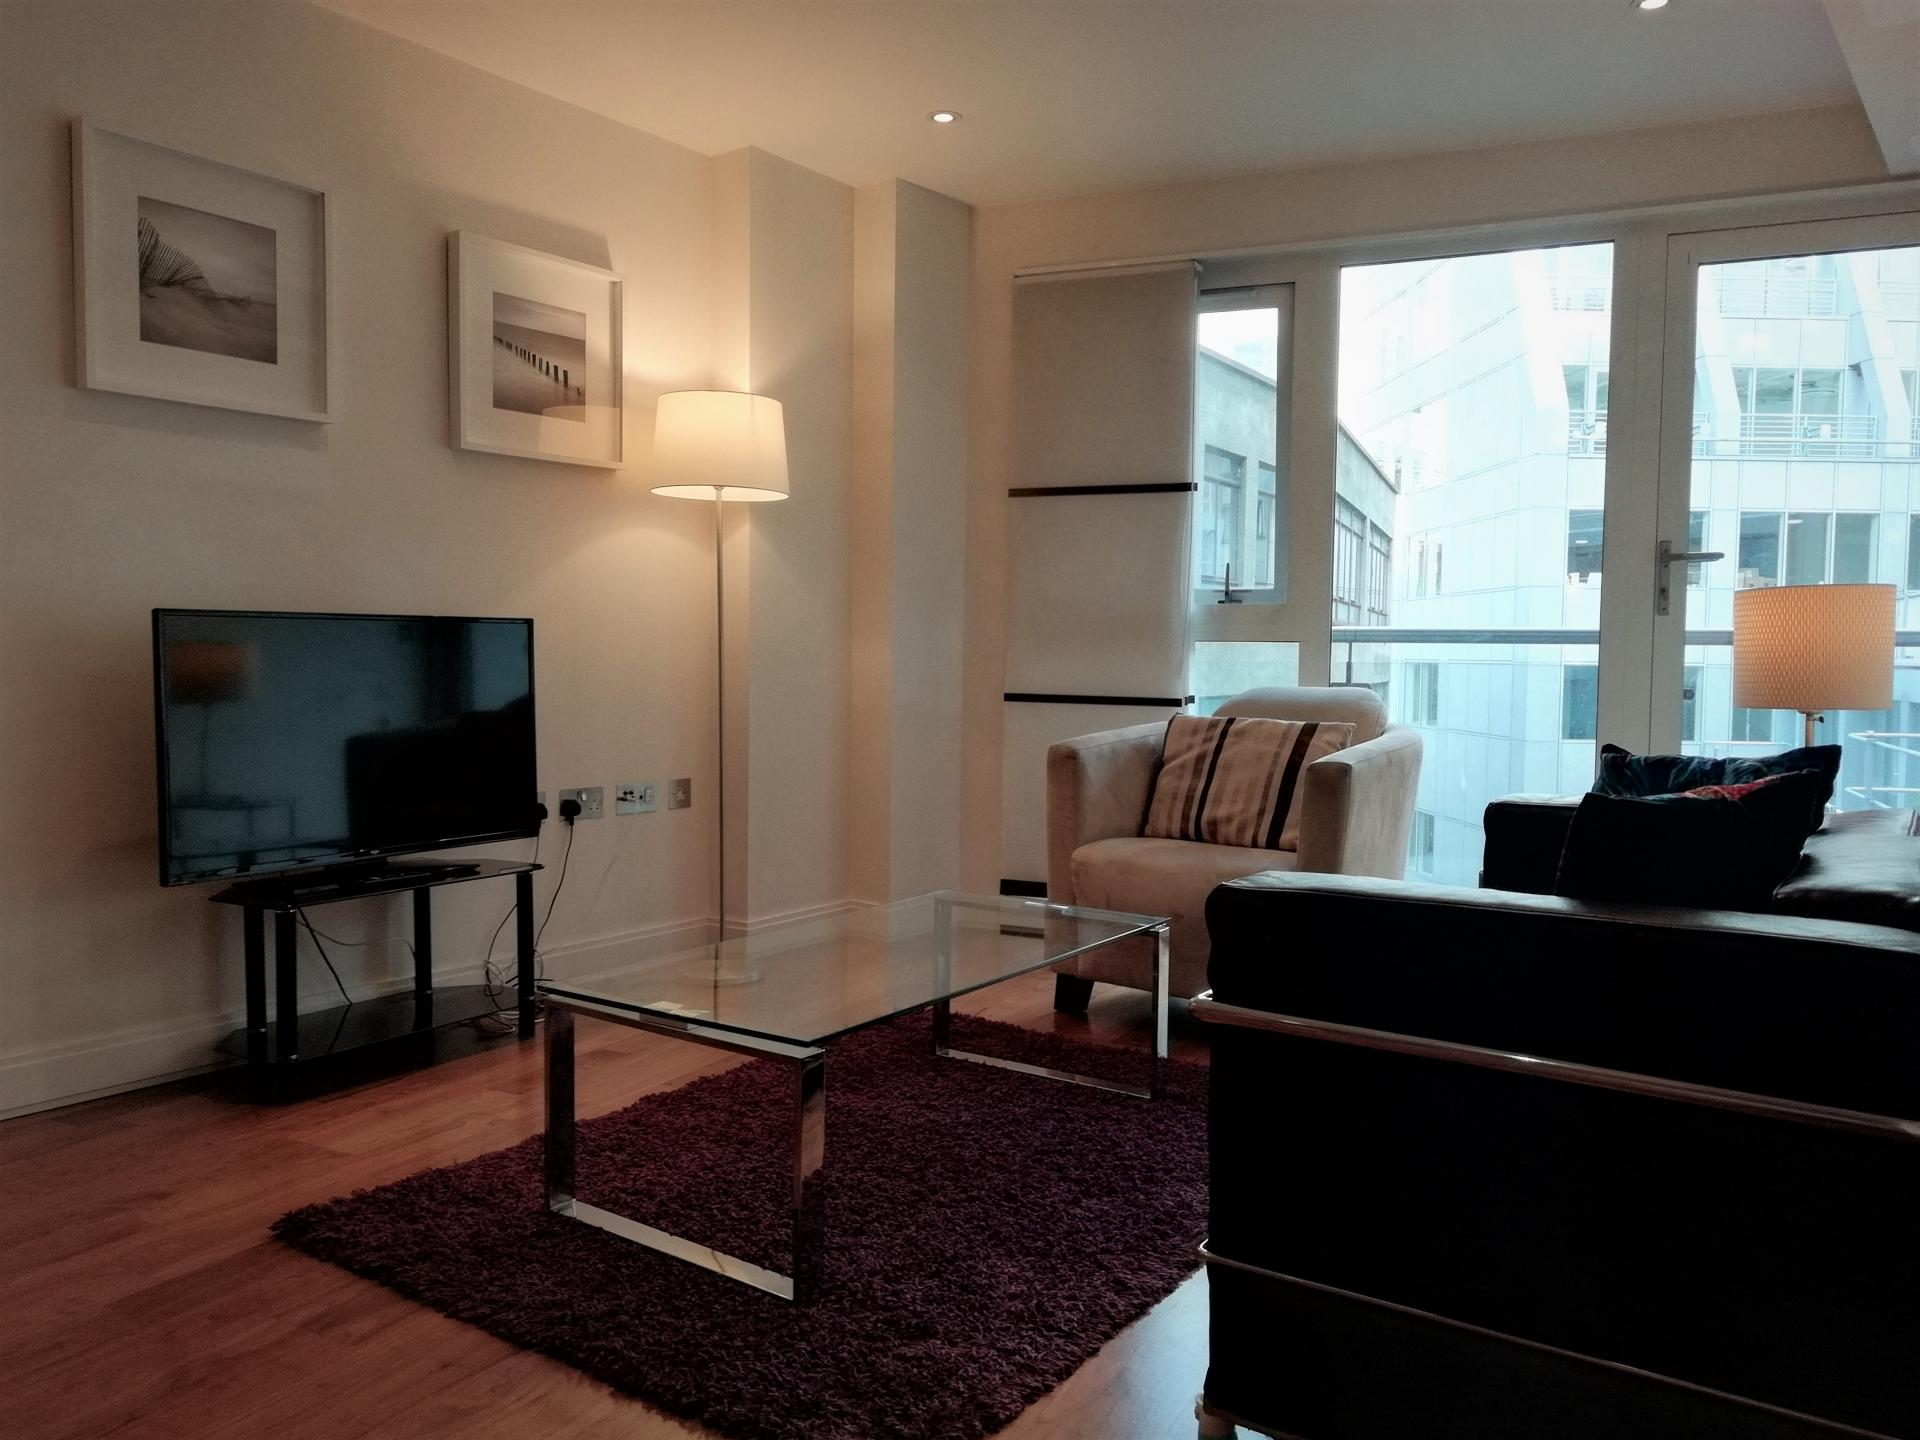 TV at Still Life Barbican, Barbican, London - Citybase Apartments